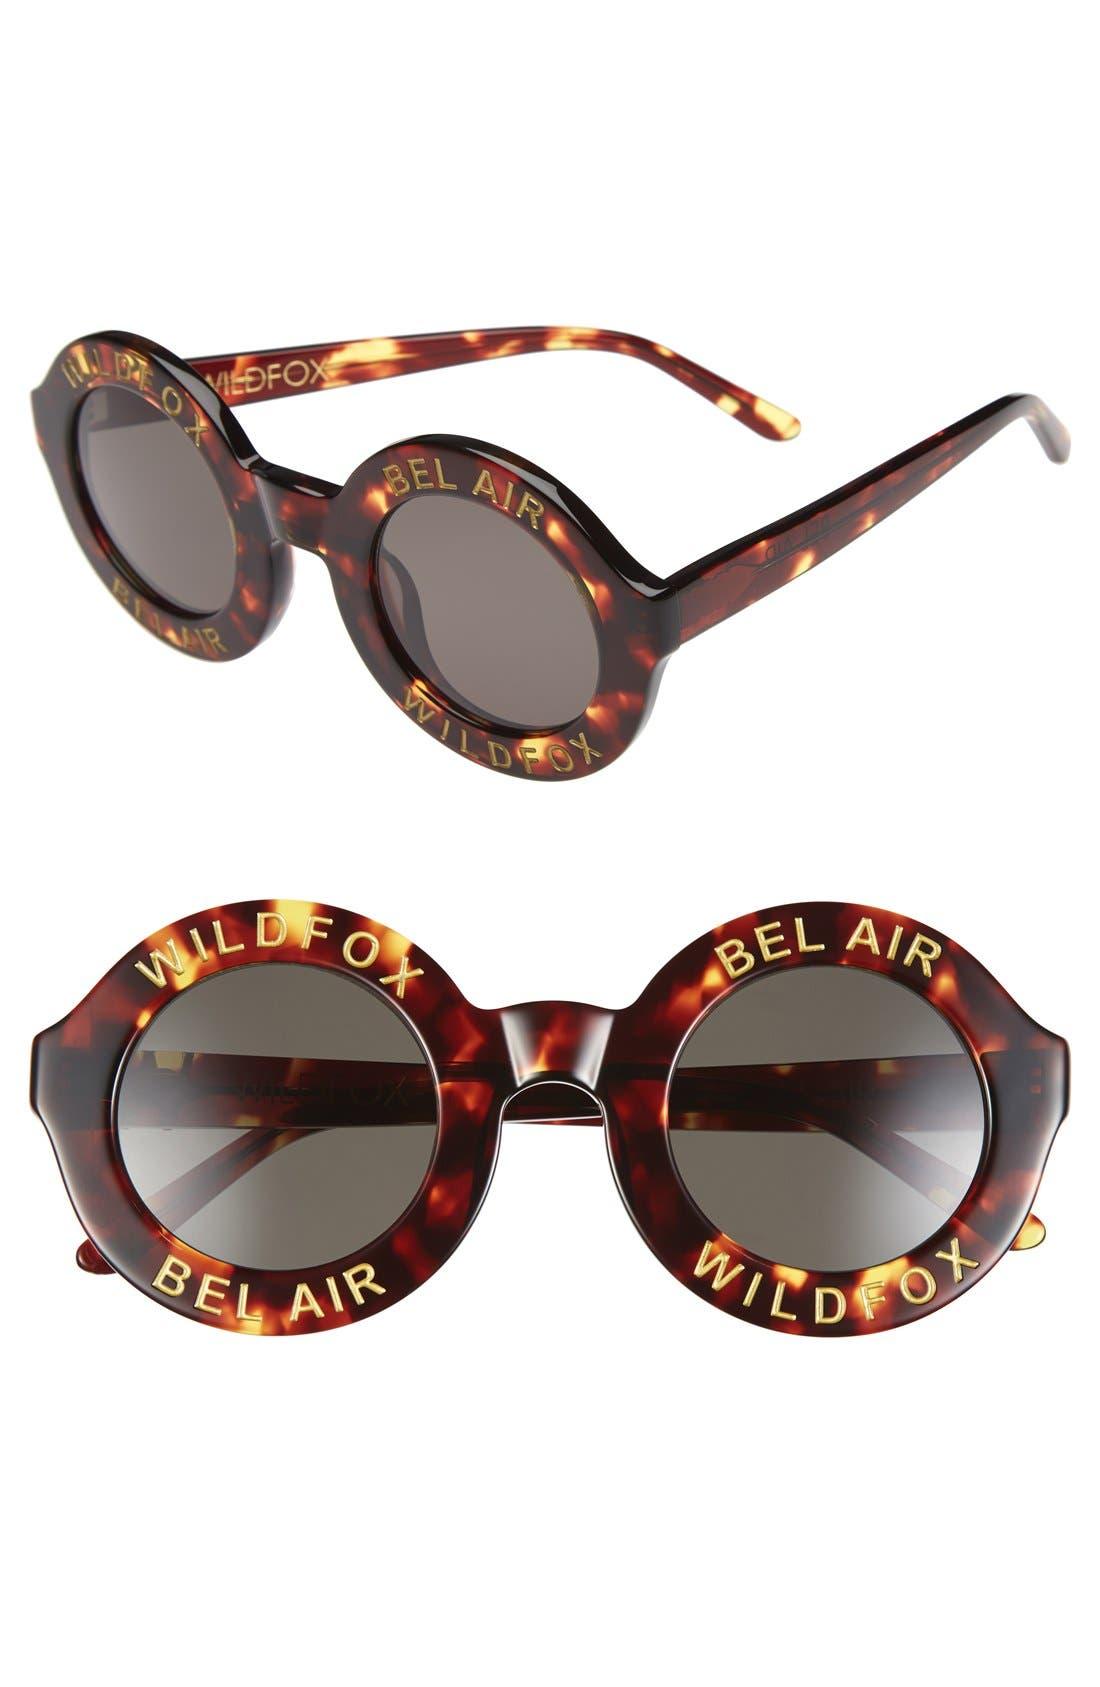 'Bel Air' 44mm Sunglasses,                         Main,                         color, Tokyo Tortoise